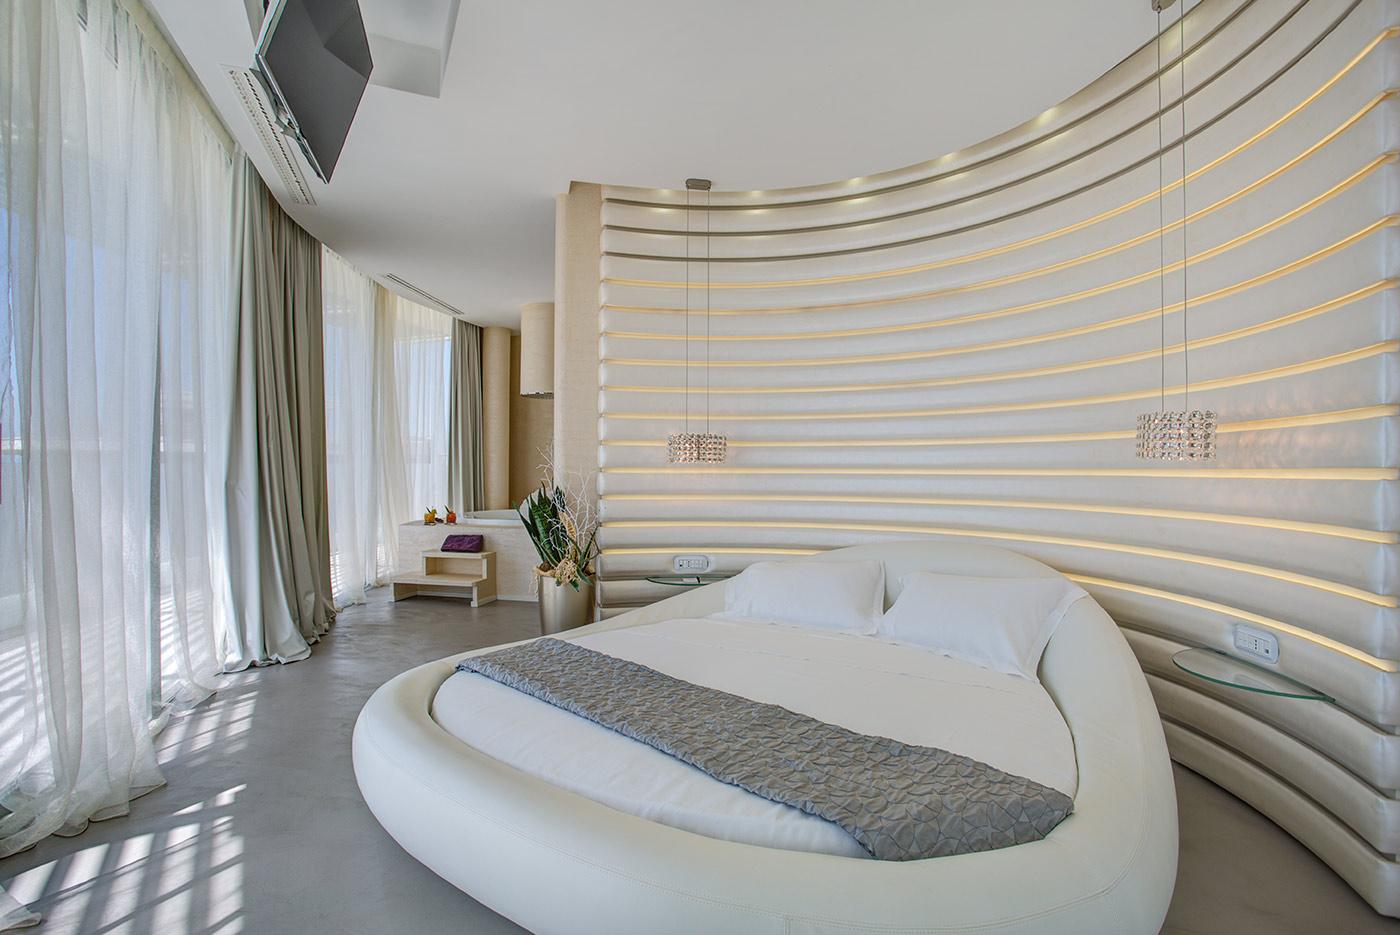 fotografia-per-hotel-a-milano-marittima